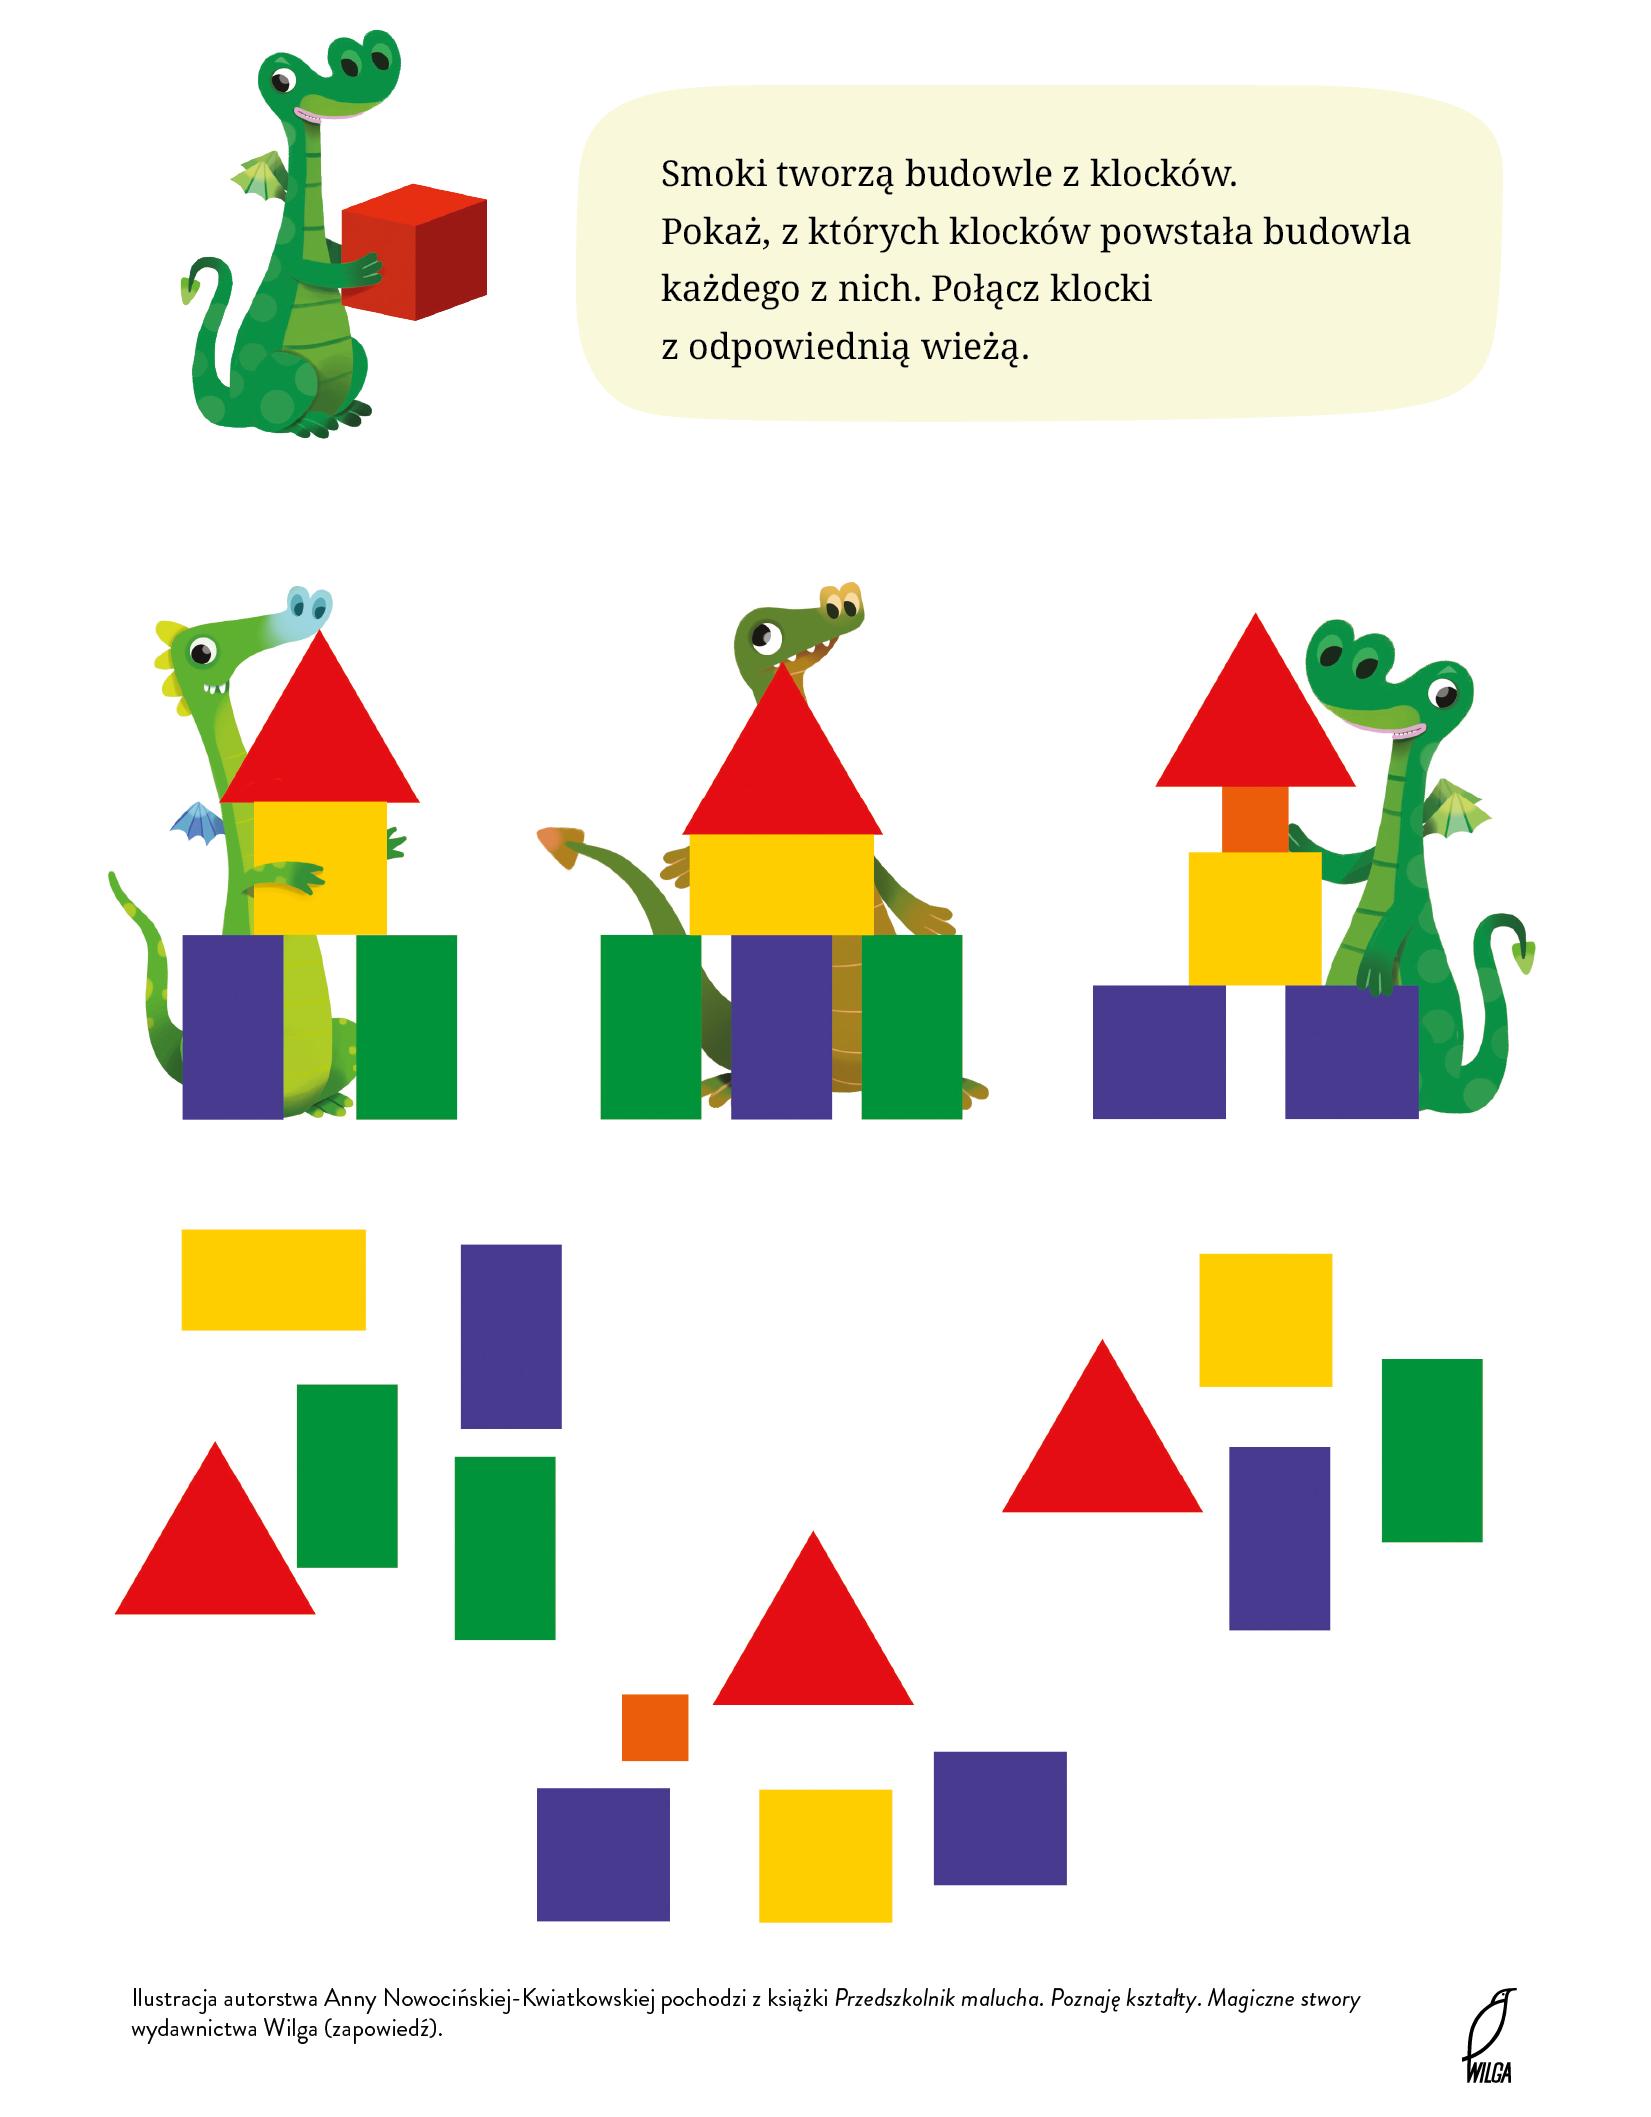 zagadki obrazkowe dla dzieci z odpowiedziami